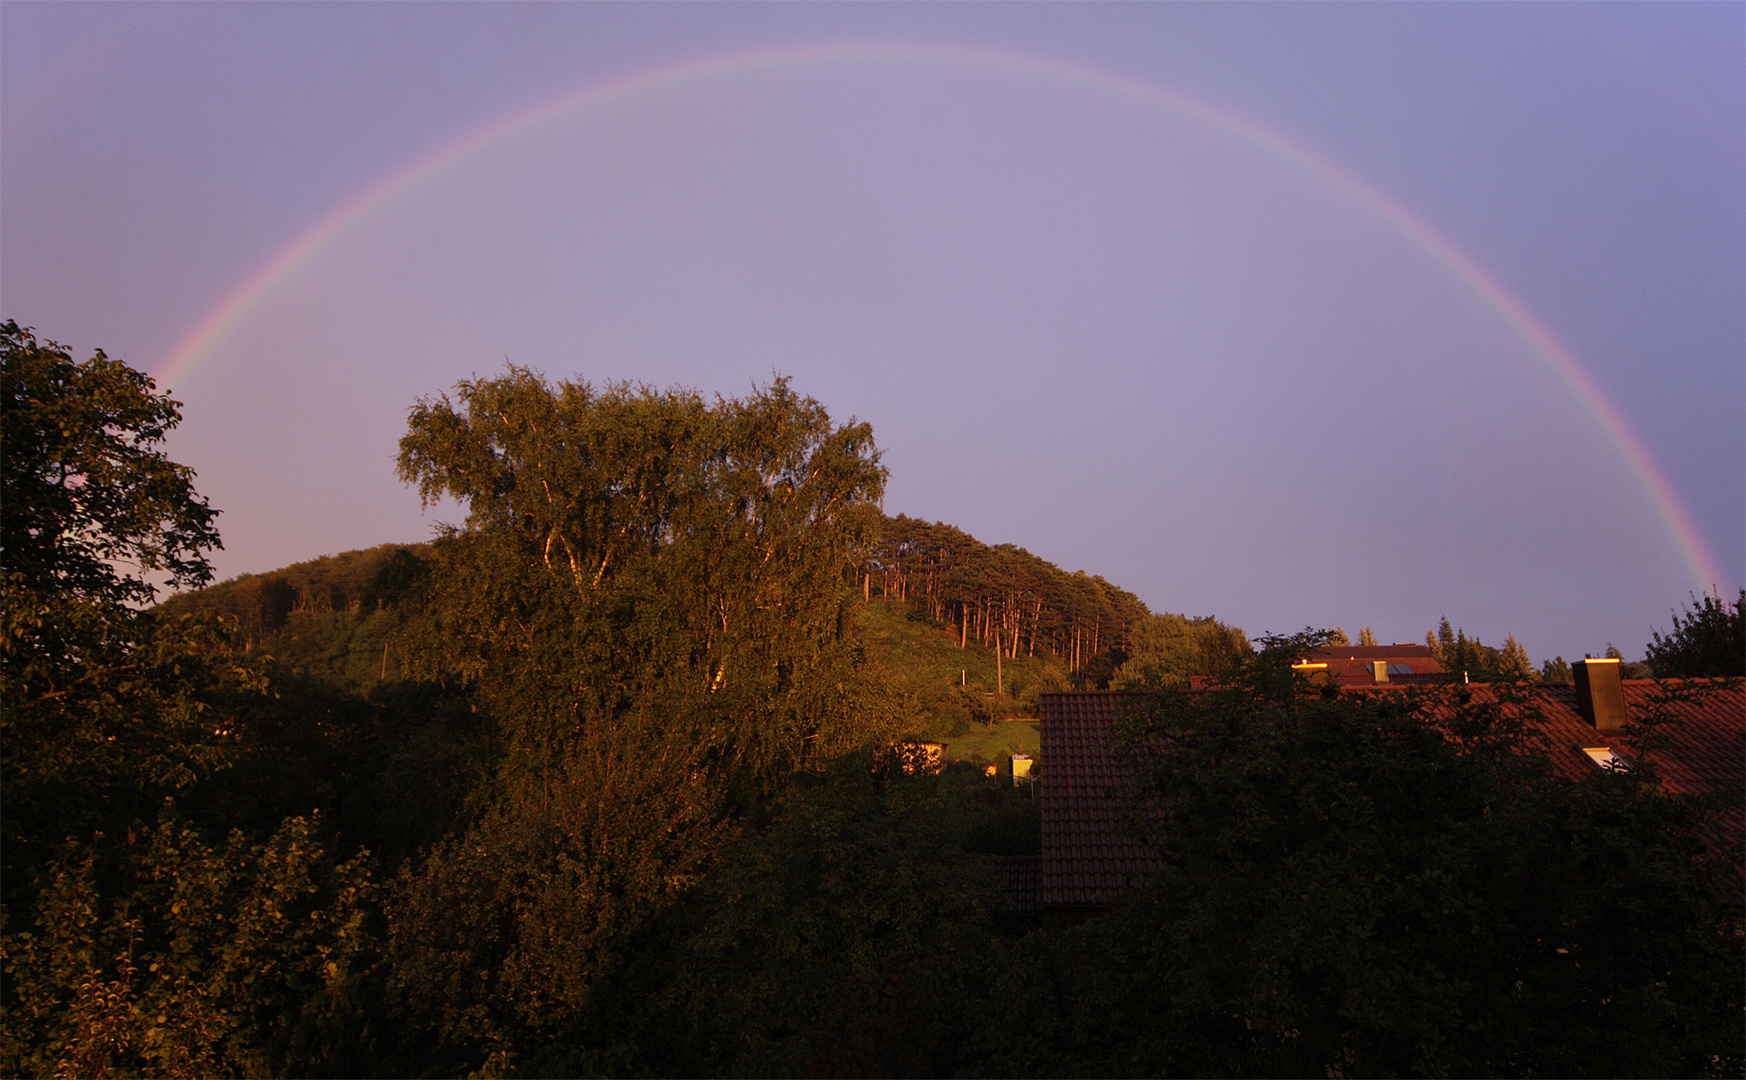 regenbogen überm stettberg